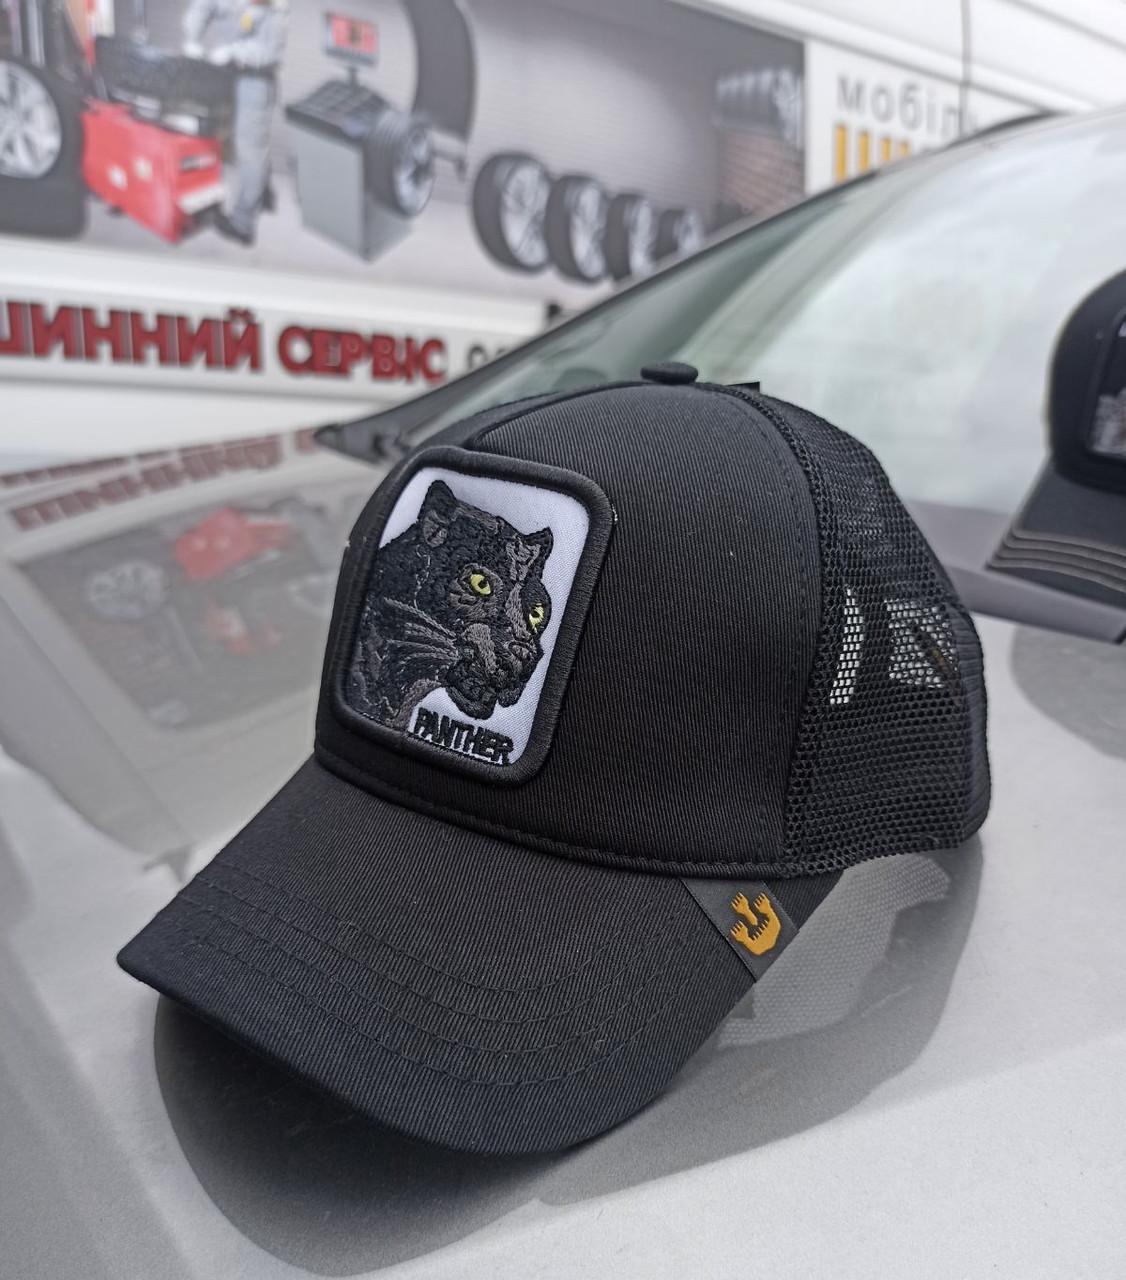 Чоловіча стильна річна кепка бейсболка з сіткою зручна Pantera чорного кольору